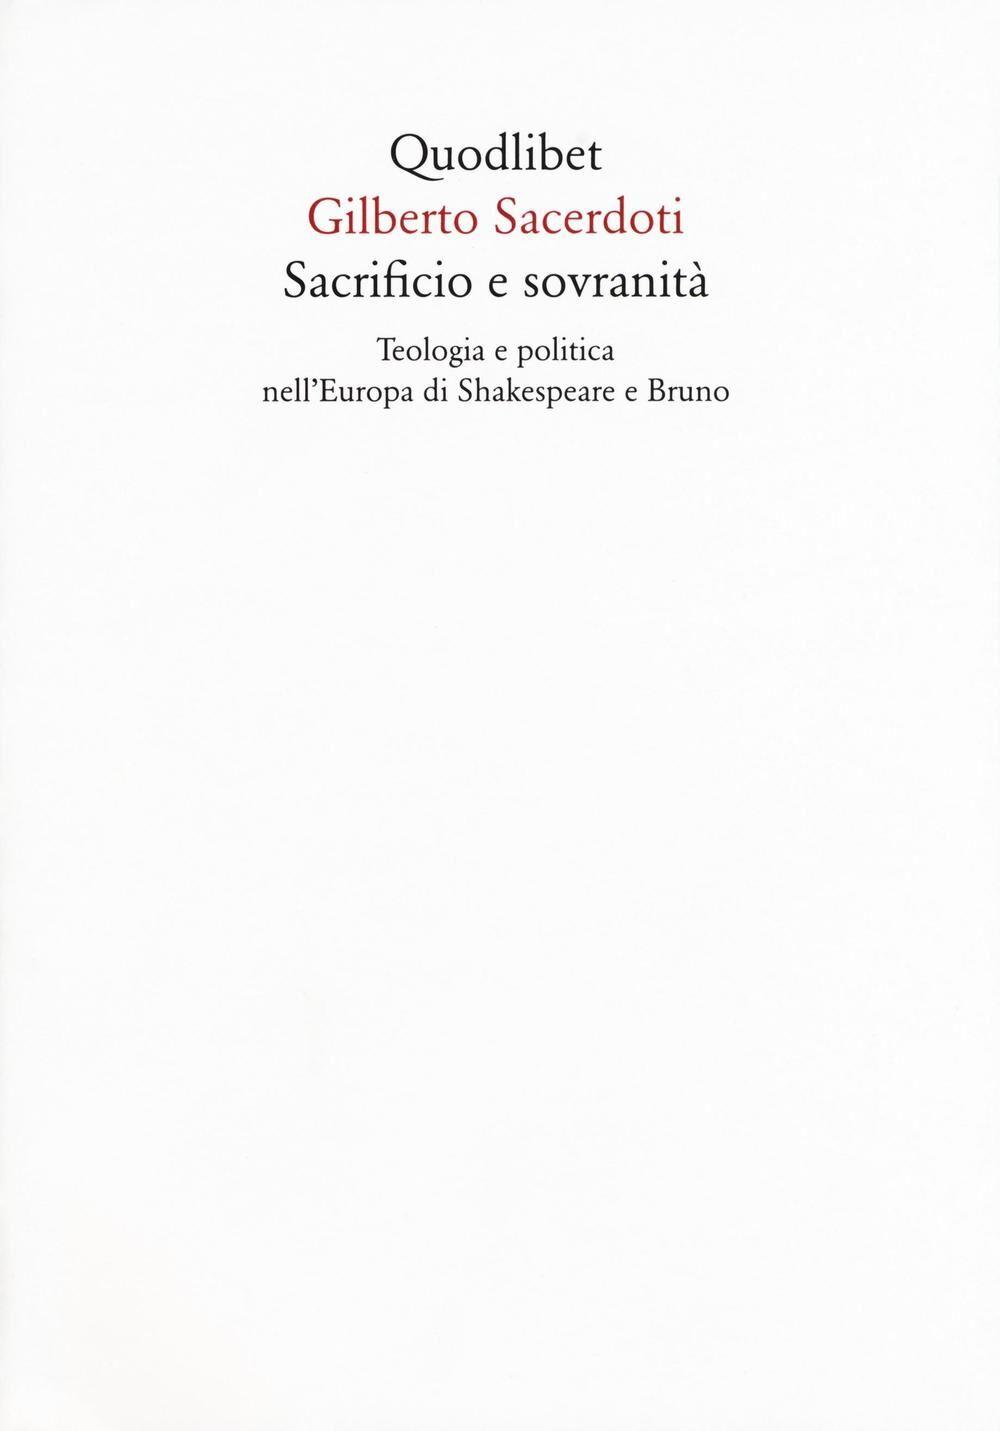 Sacrificio e sovranità. Teologia e politica nell'Europa di Shakespeare e Bruno